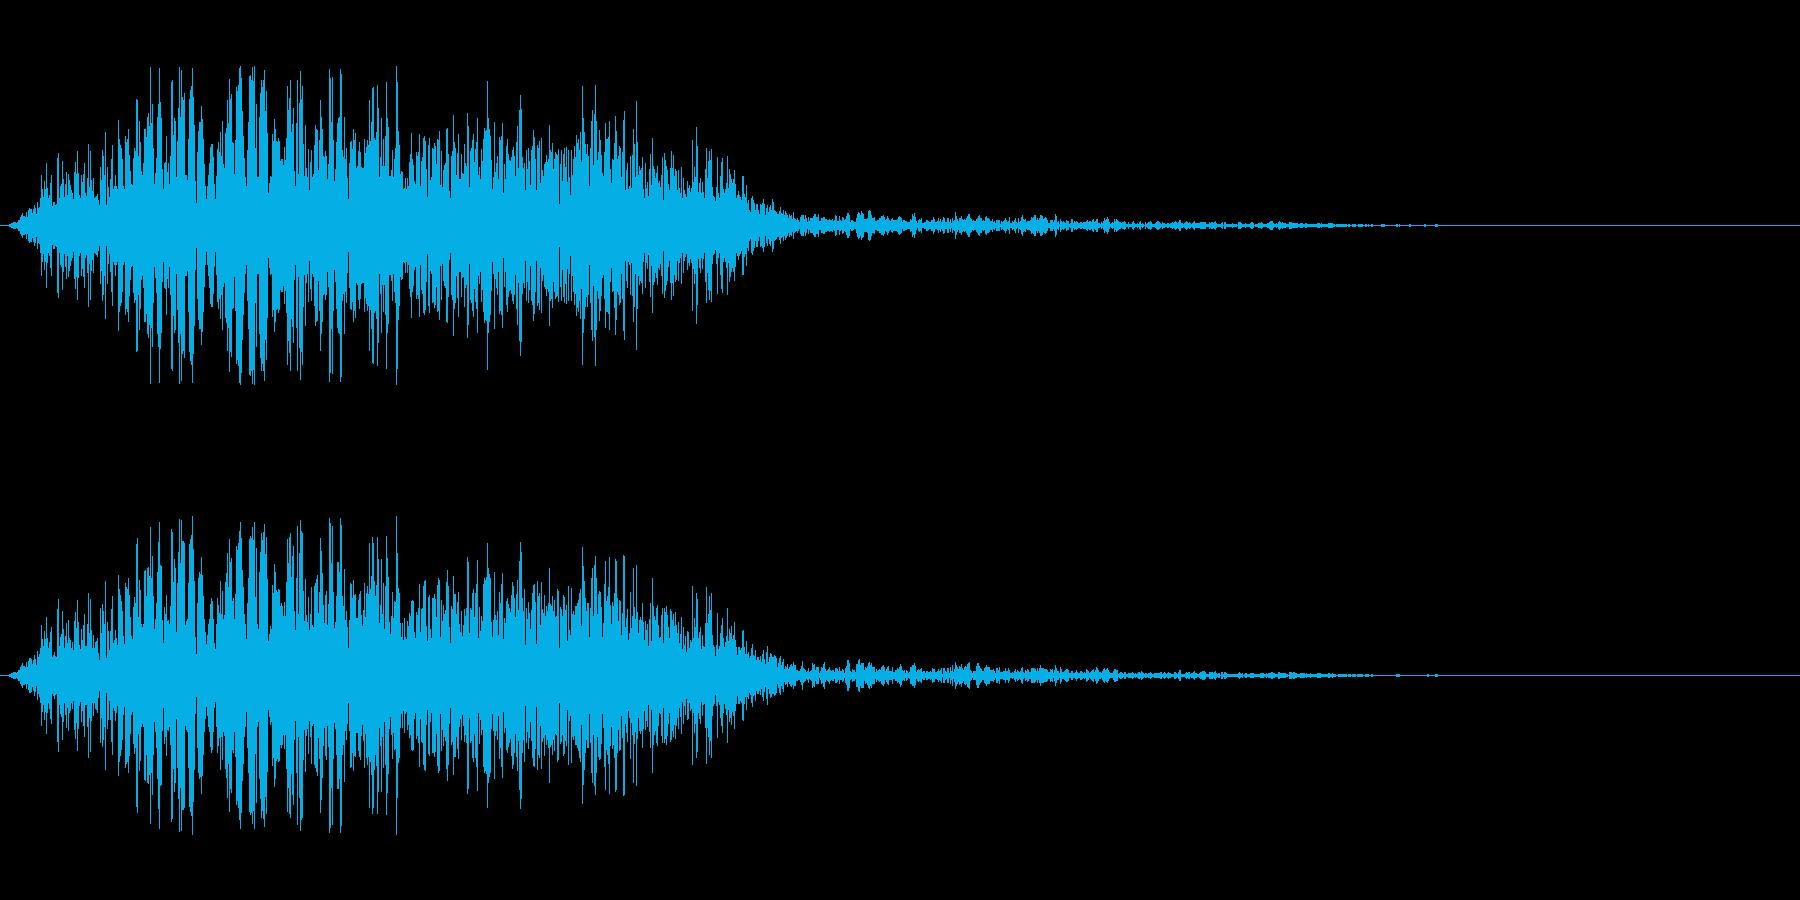 攻撃ヒット音.03の再生済みの波形